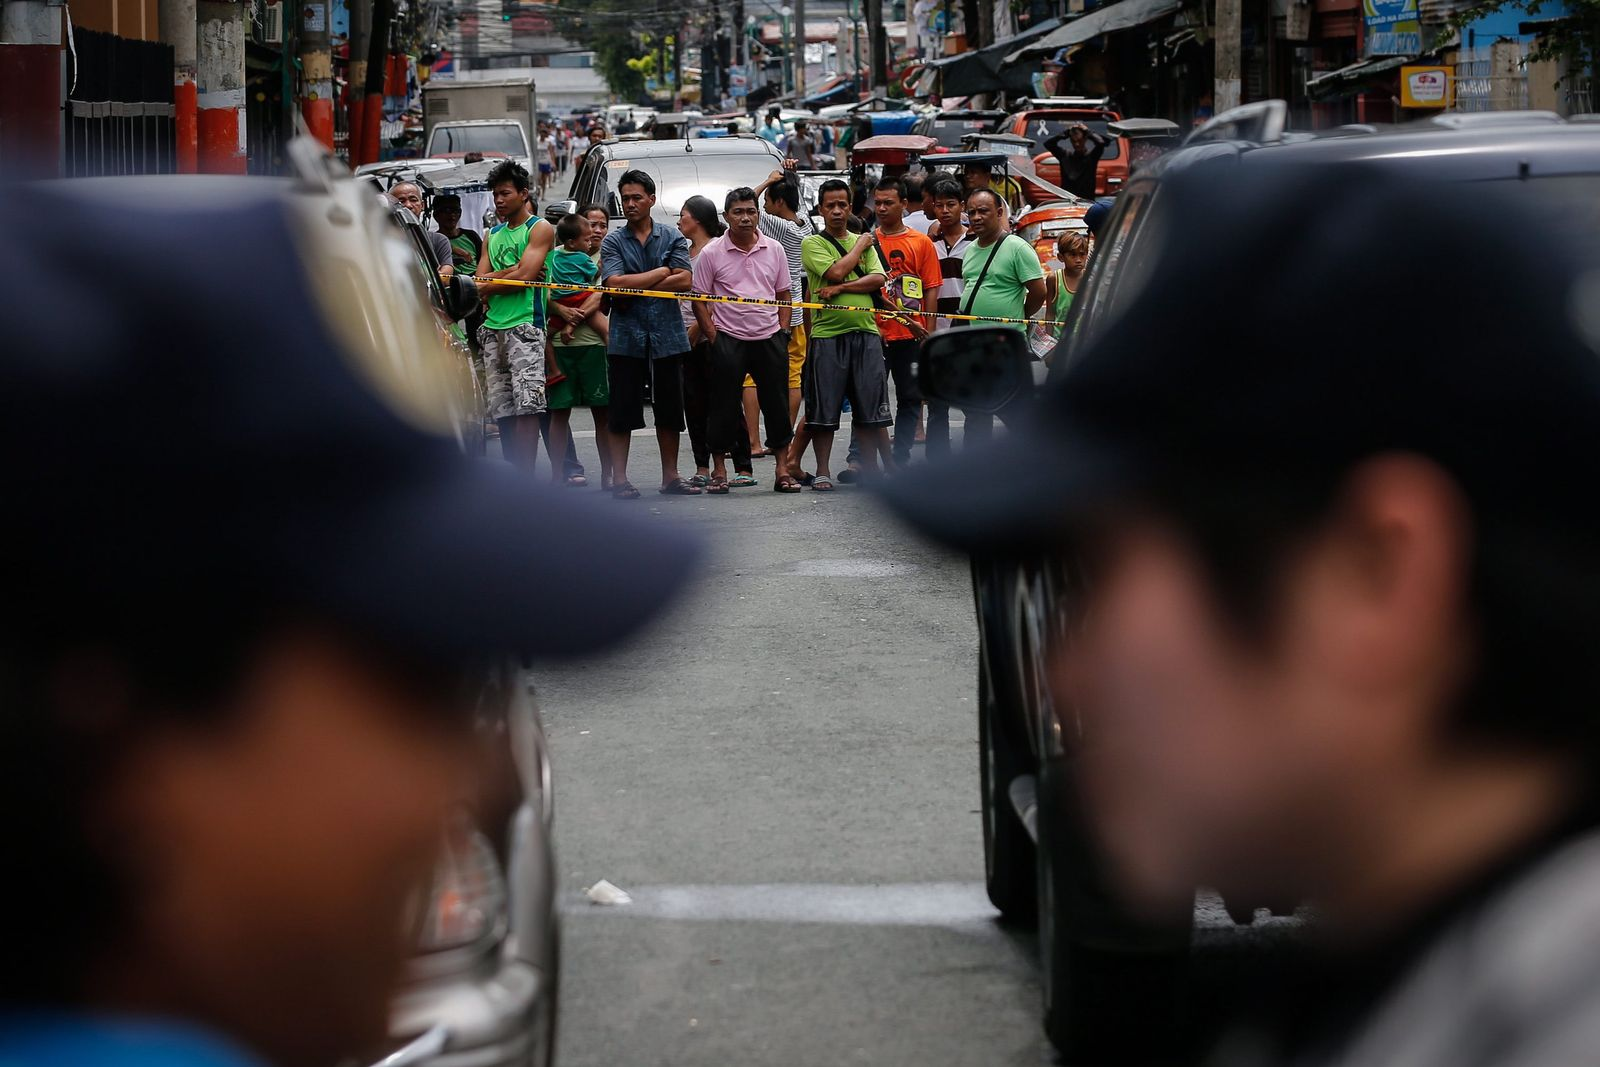 Philippinen / Drogentote / Schaulustige